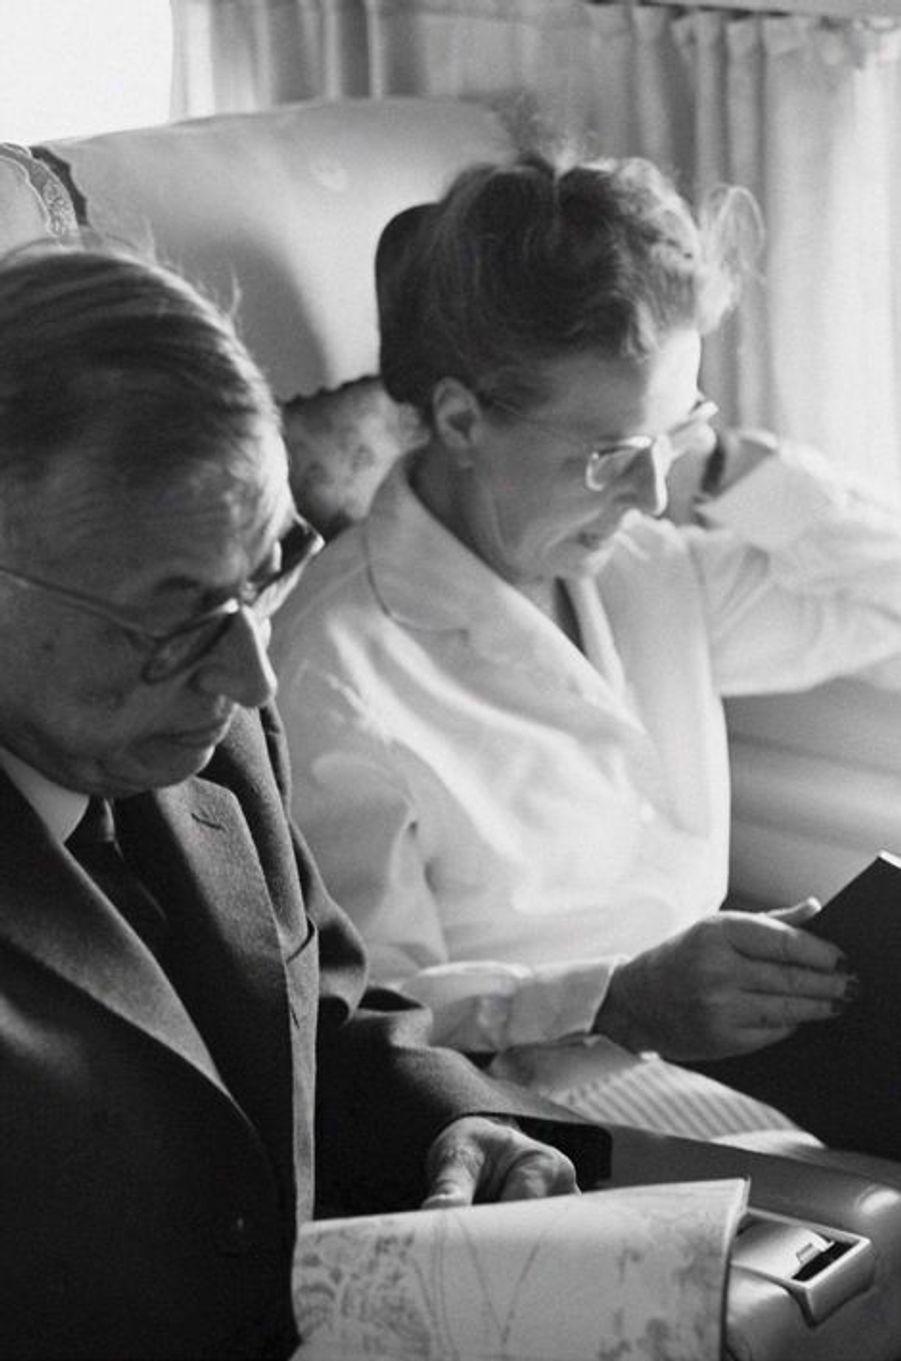 C'est dans les couloirs de la Sorbonne que Simone de Beauvoir et Jean-Paul Sartre se rencontrent à la fin des années 1920. Ce dernier sort premier du concours de l'agrégation de philosophie en 1929, lorsque Simone de Beauvoir est classée deuxième. Placé sous le signe de la liberté, leur union de plus de cinquante ans sera rythmée par leurs succès littéraires, voyages, combats et les relations extra-conjugales totalement assumées, voire partagées. Seule la mort mettra fin à leurs destins intimement liés jusqu'au décès de Jean-Paul Sartre en 1980.